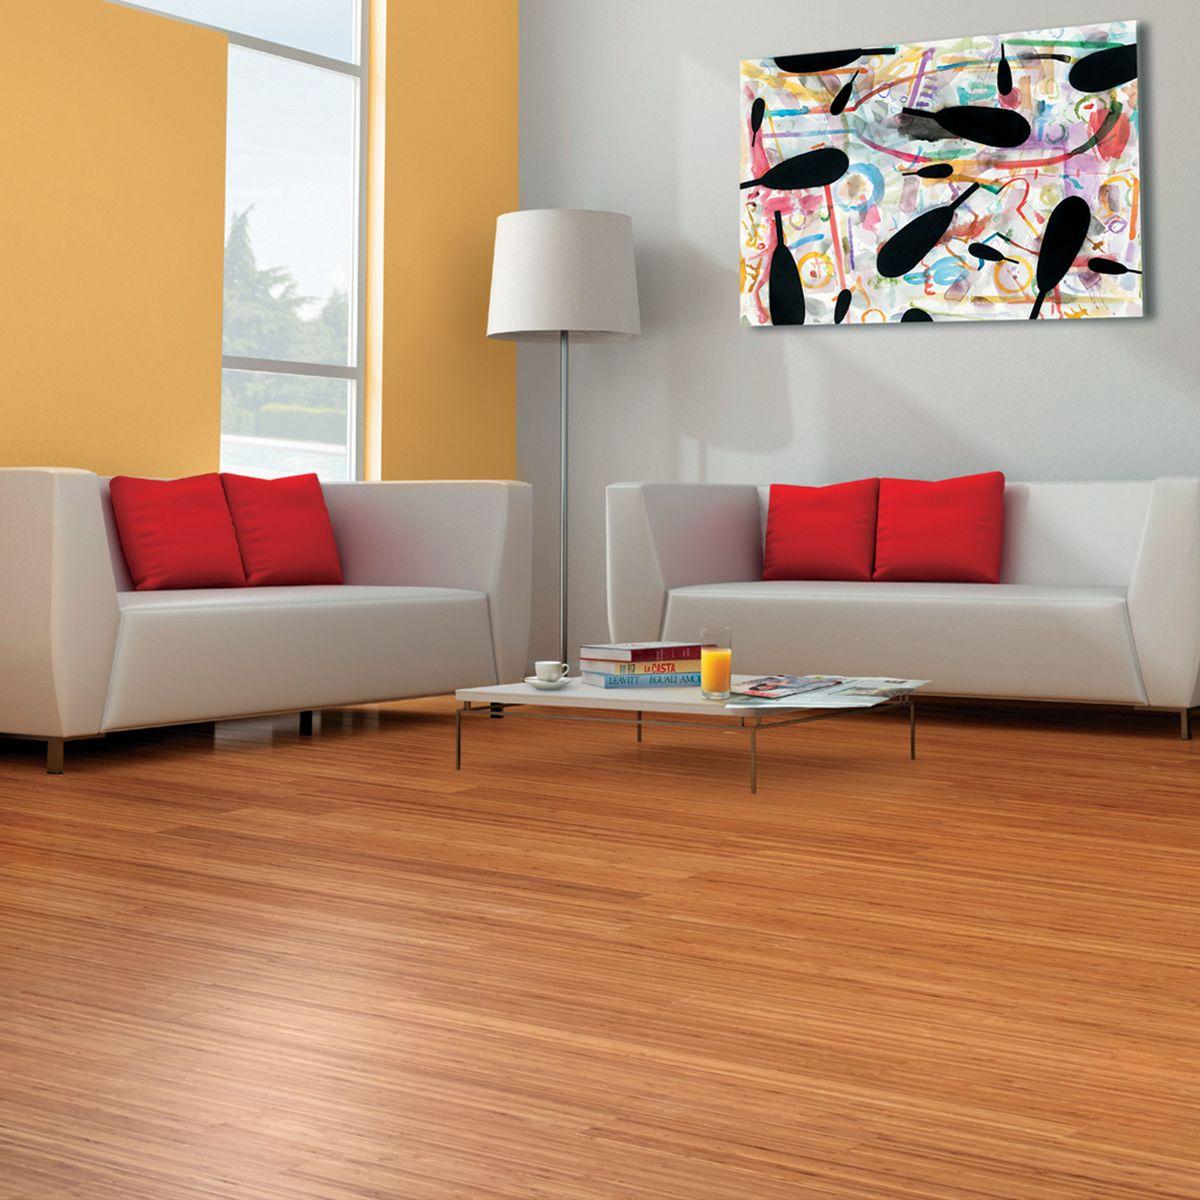 Disegnare casa parquet recensioni best luessenza del legno determina il suo valore dona pregio - Disegnarecasa opinioni ...